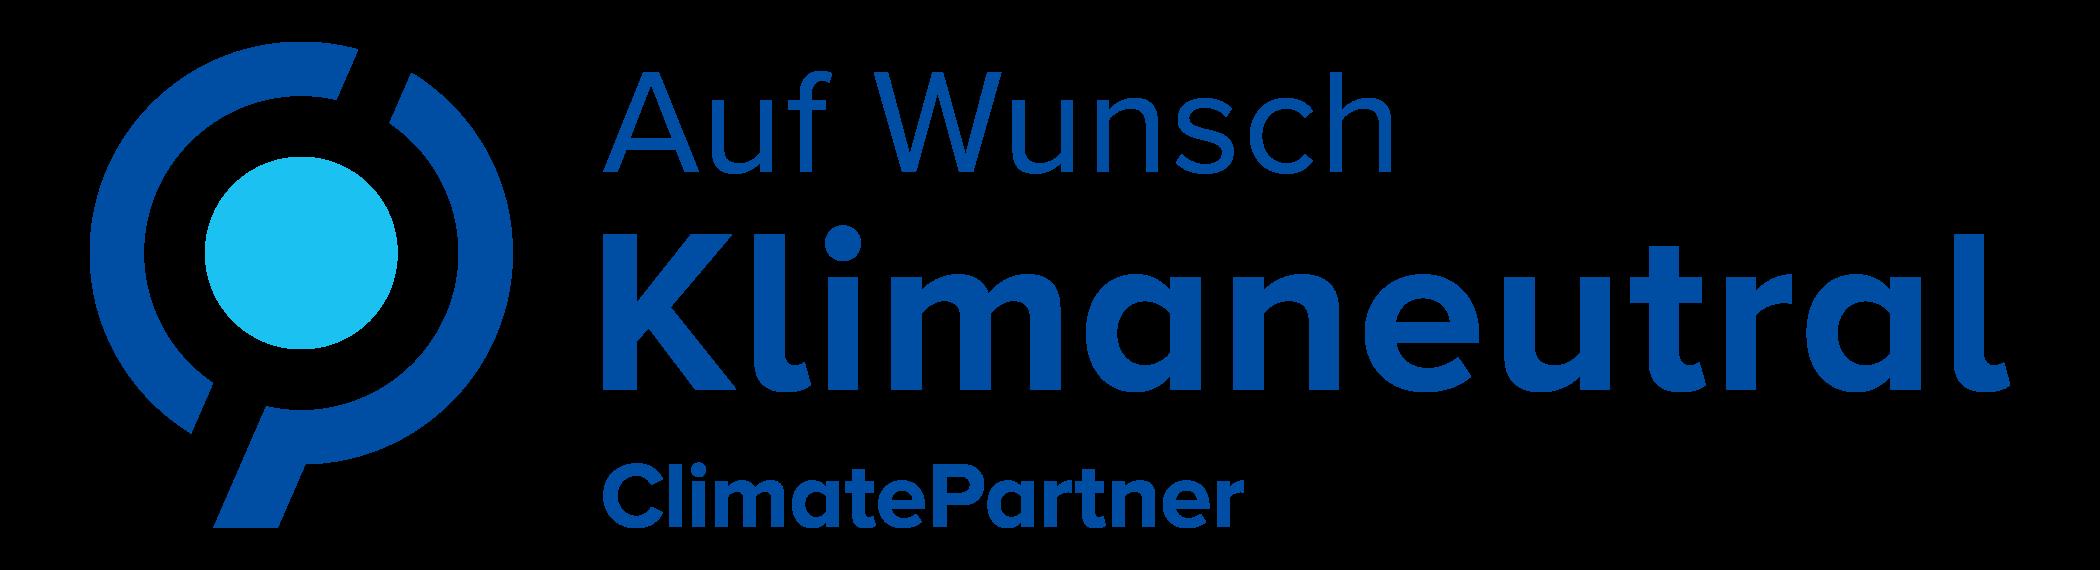 Climate Partner klimaneutral